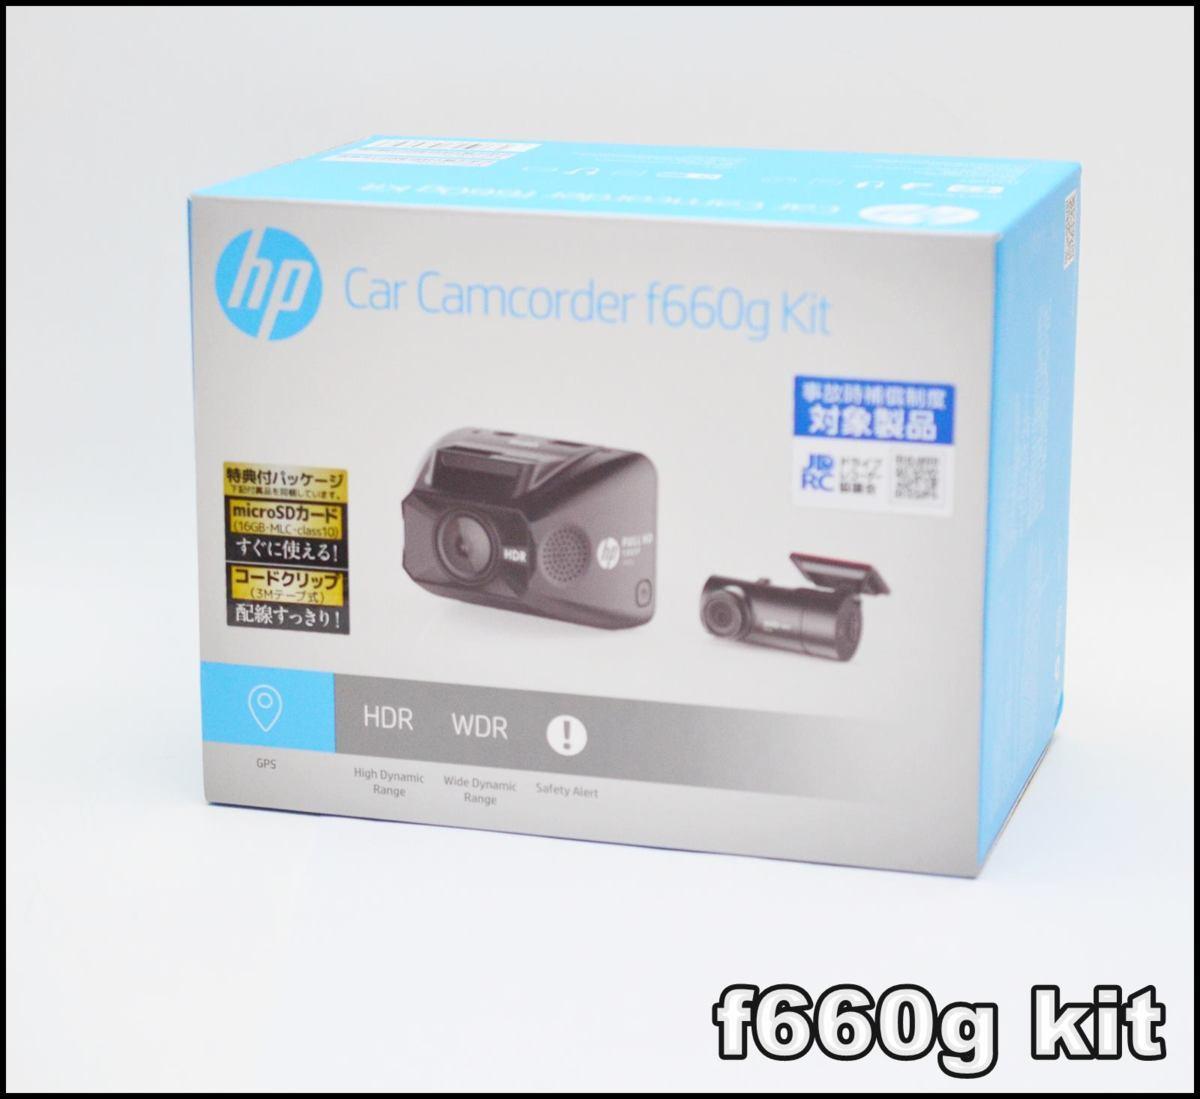 新品未開封 hp GPS リアカメラ付き ドライブレコーダー キット f660g RC3p SDカード同梱 200万画素 ヒューレットパッカード